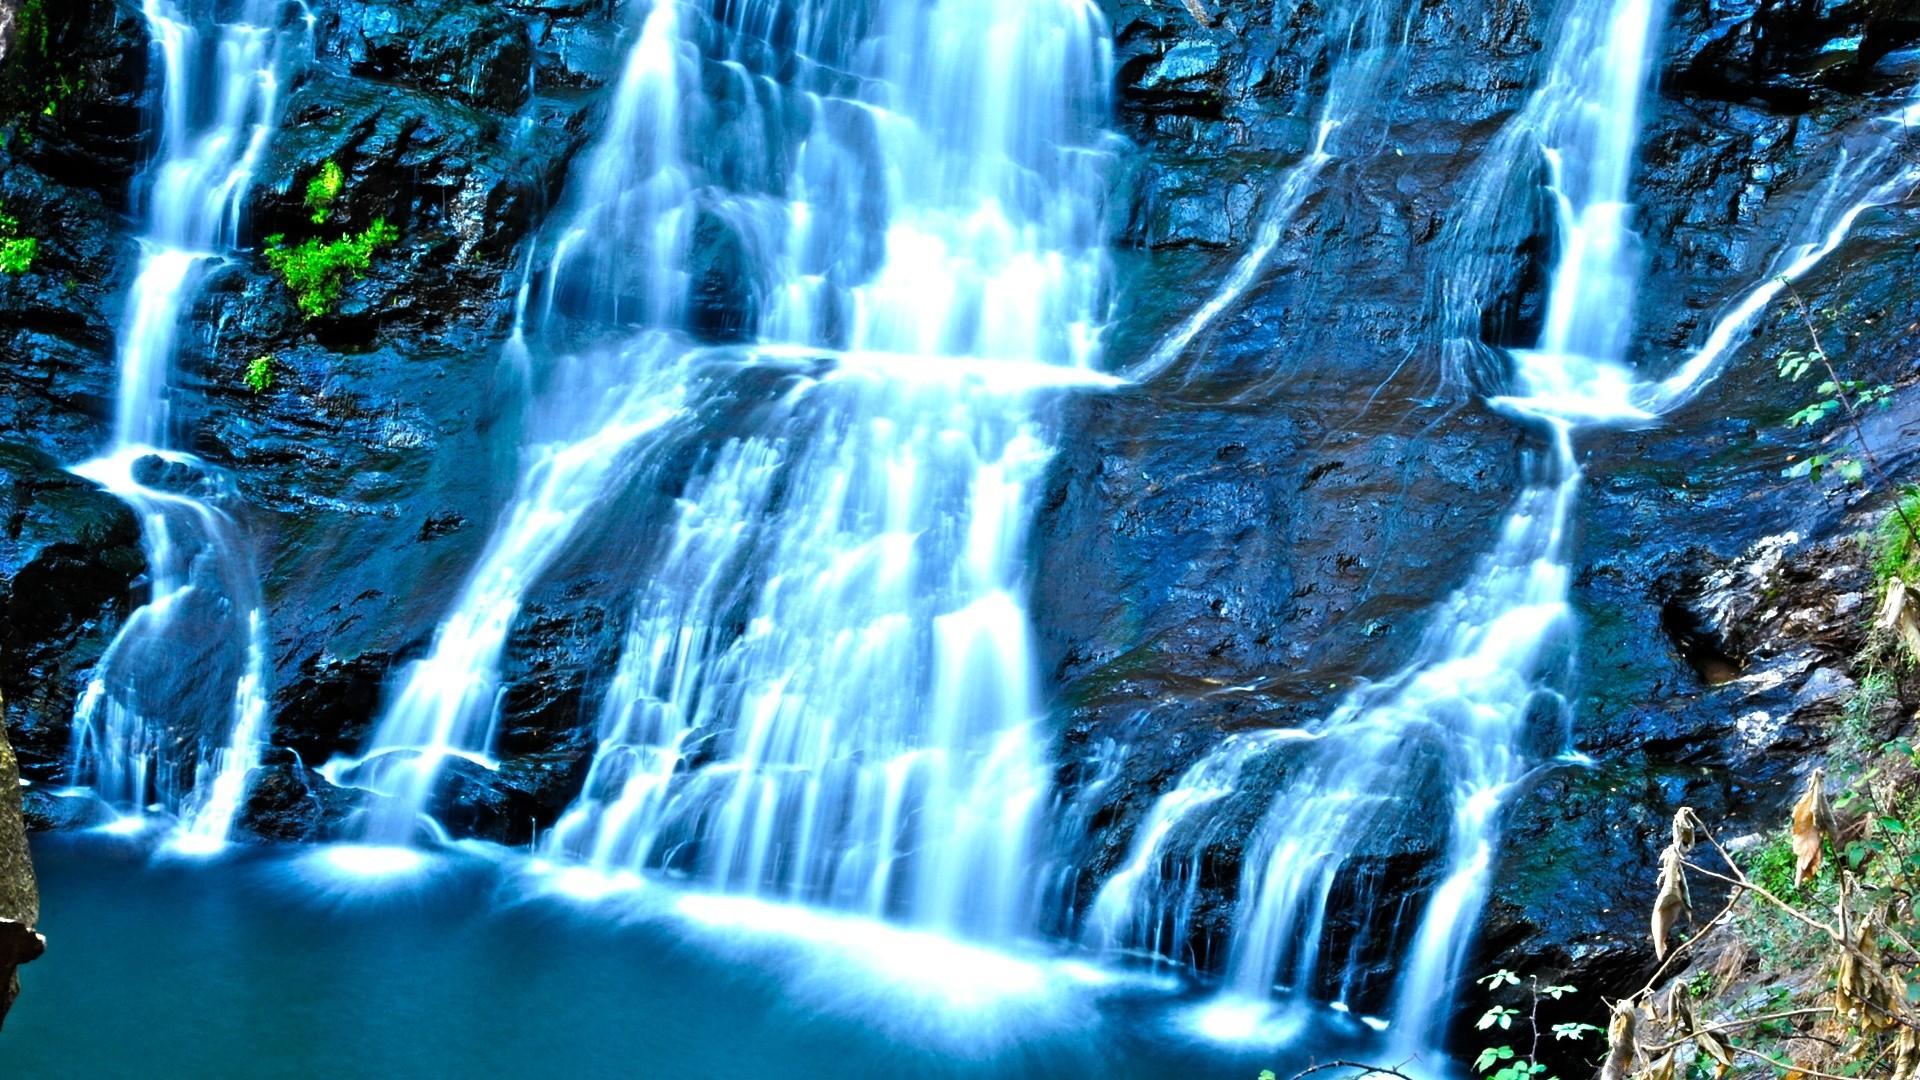 обои на телефон водопады живые бруса две семьи